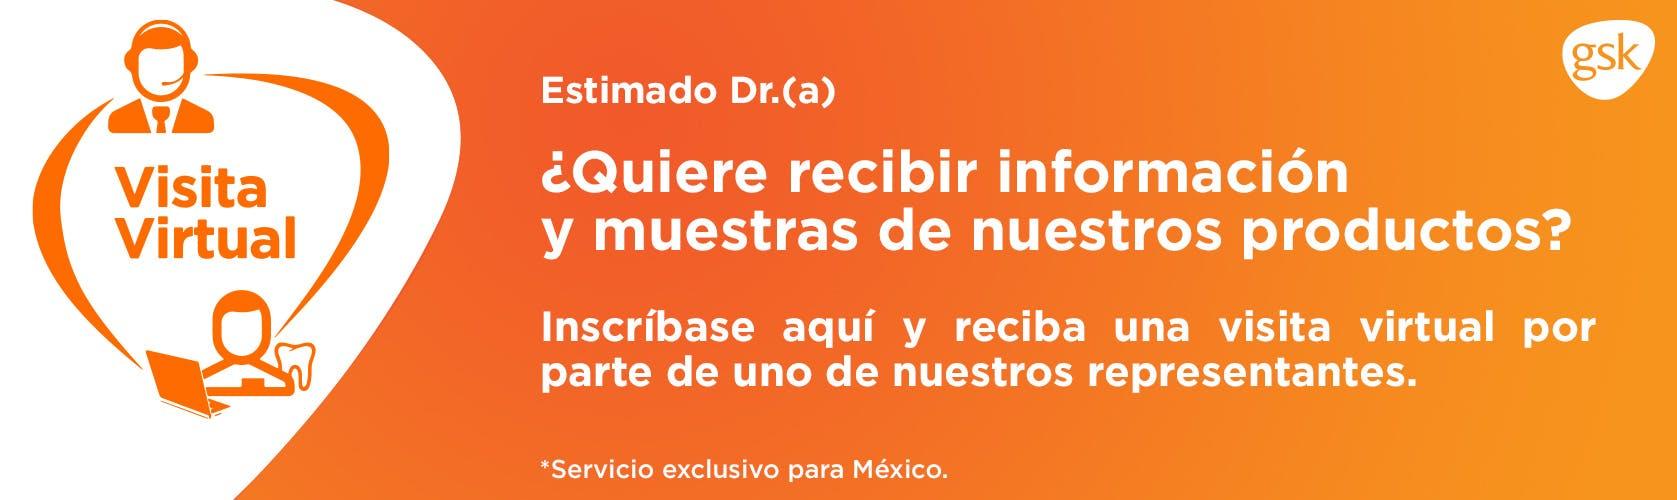 Visita virtual GSK - Sensodyne Mexico